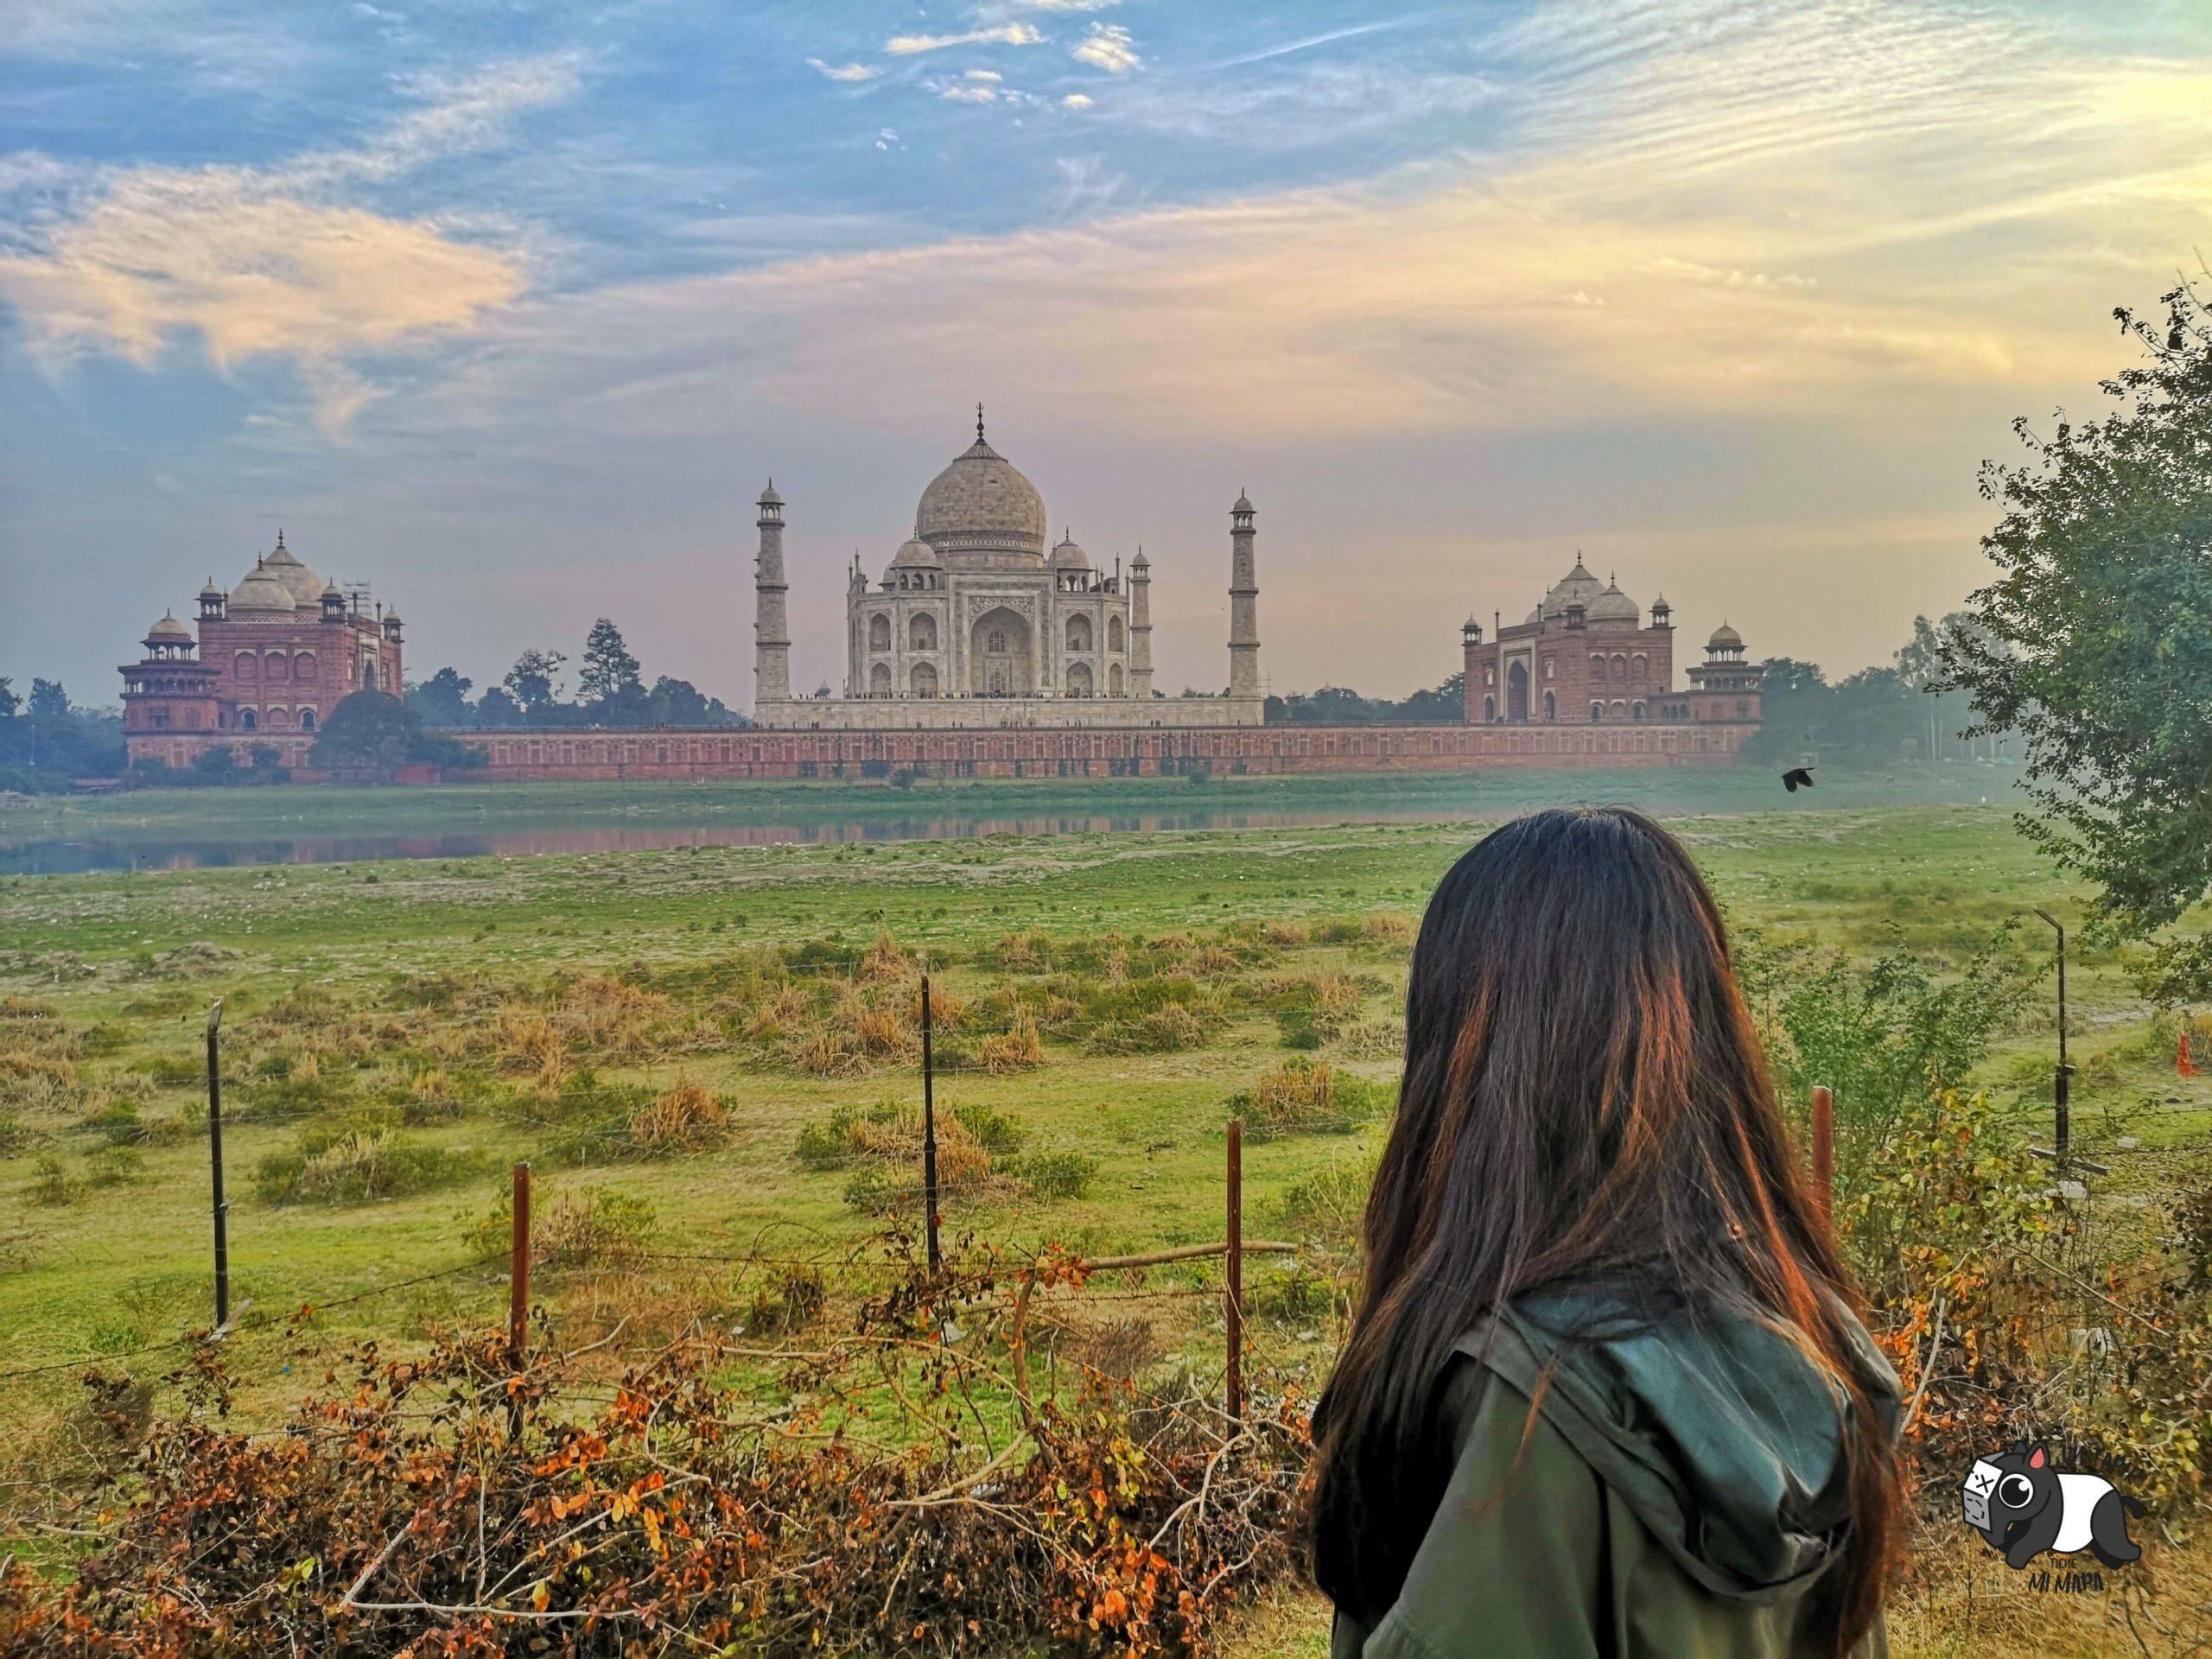 Vista del Taj Majal desde Mehtab Bagh, con cielo espectacular.